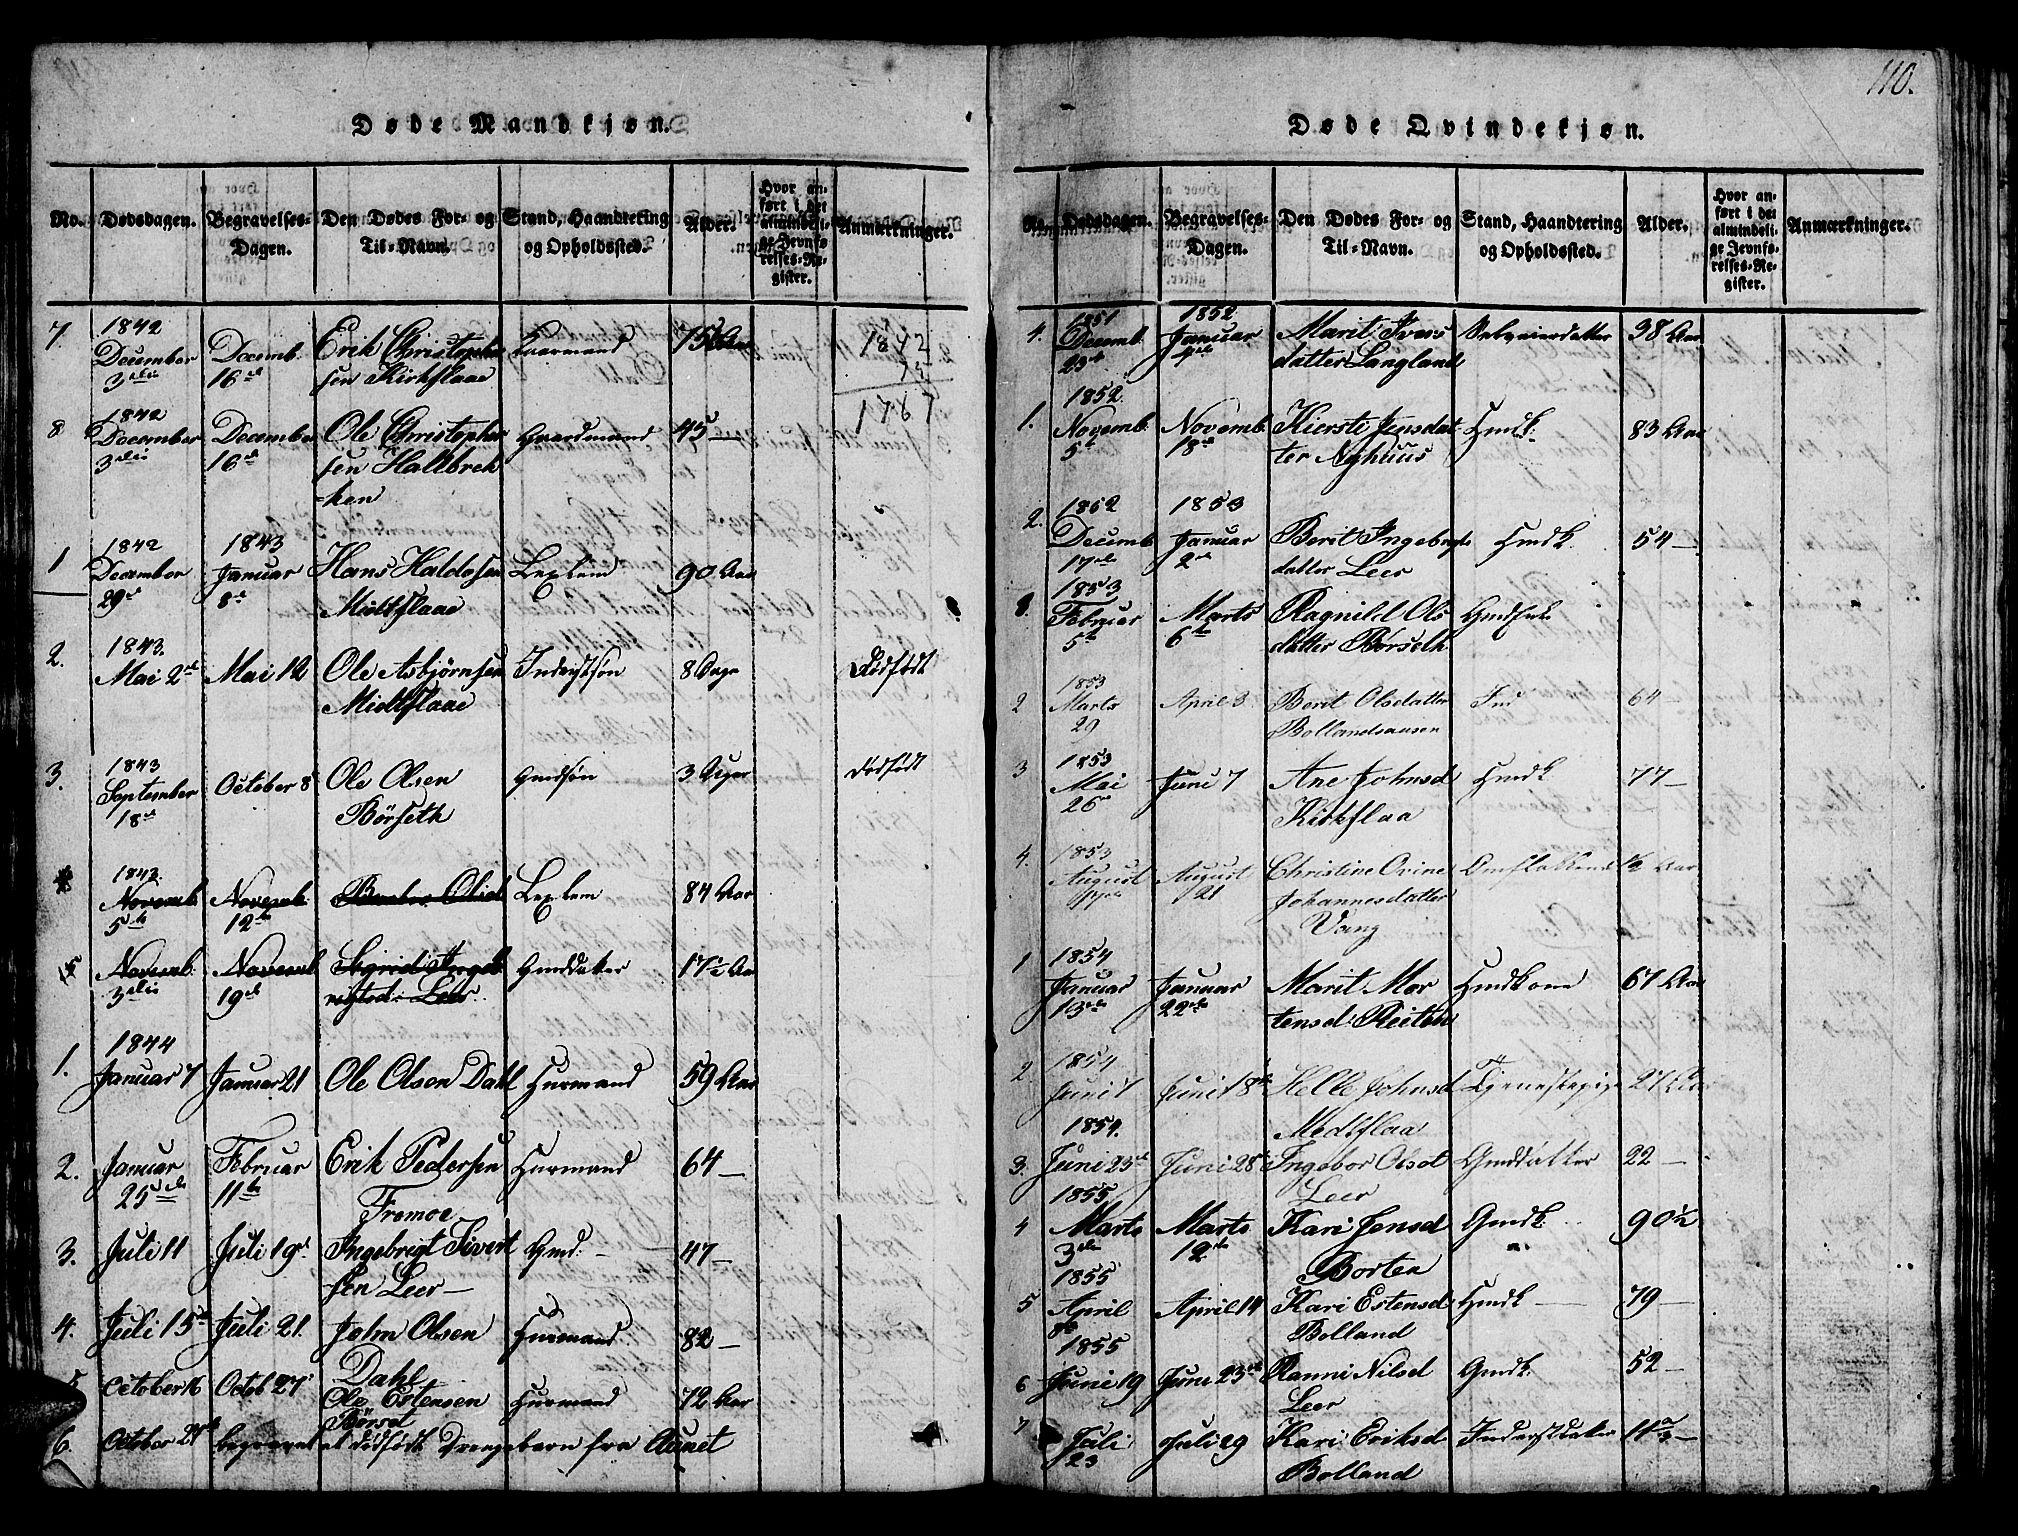 SAT, Ministerialprotokoller, klokkerbøker og fødselsregistre - Sør-Trøndelag, 693/L1121: Klokkerbok nr. 693C02, 1816-1869, s. 110